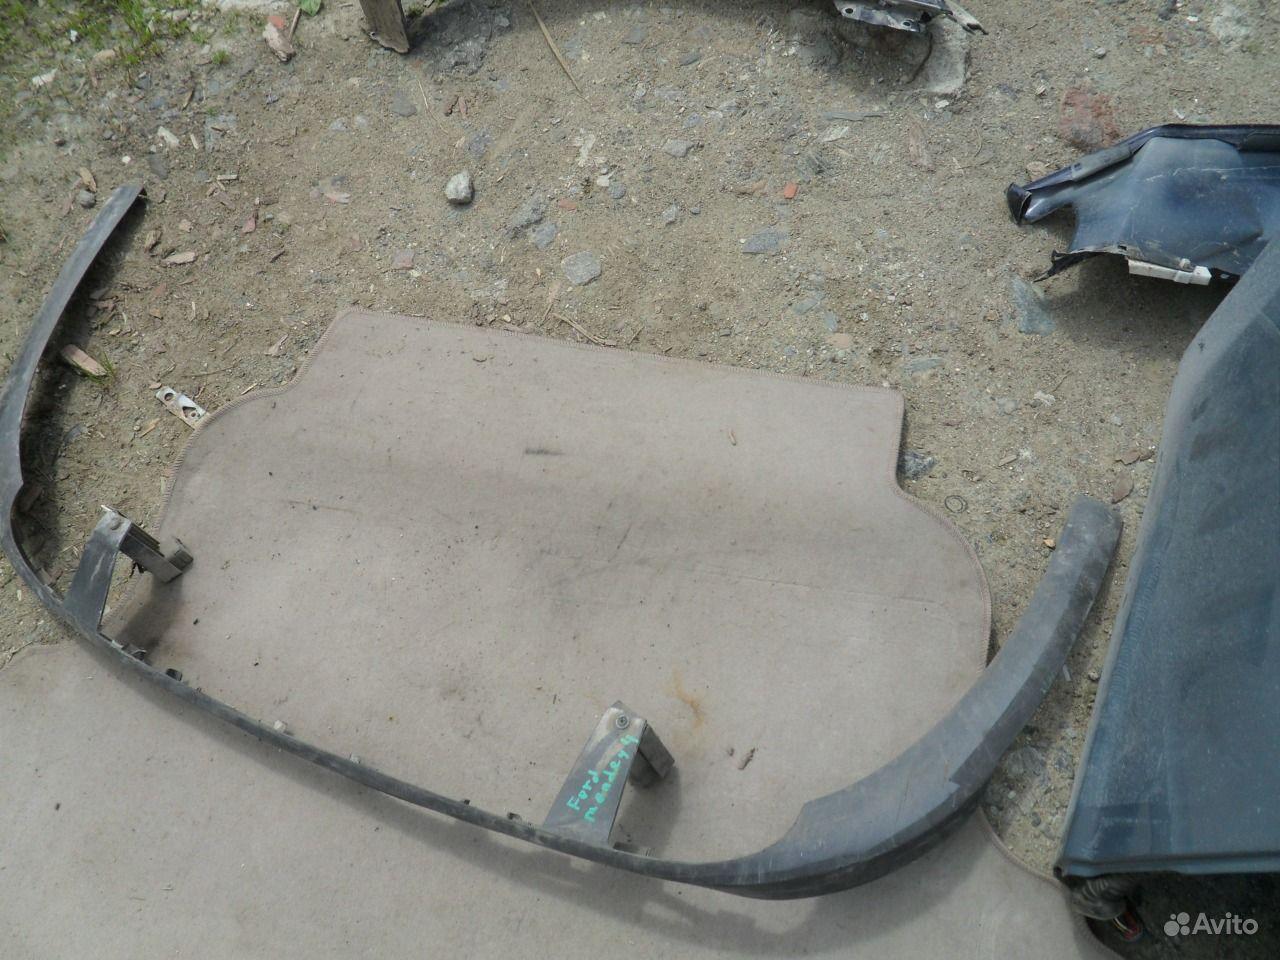 Юбка переднего бампера ford mondeo 3 12 фотография